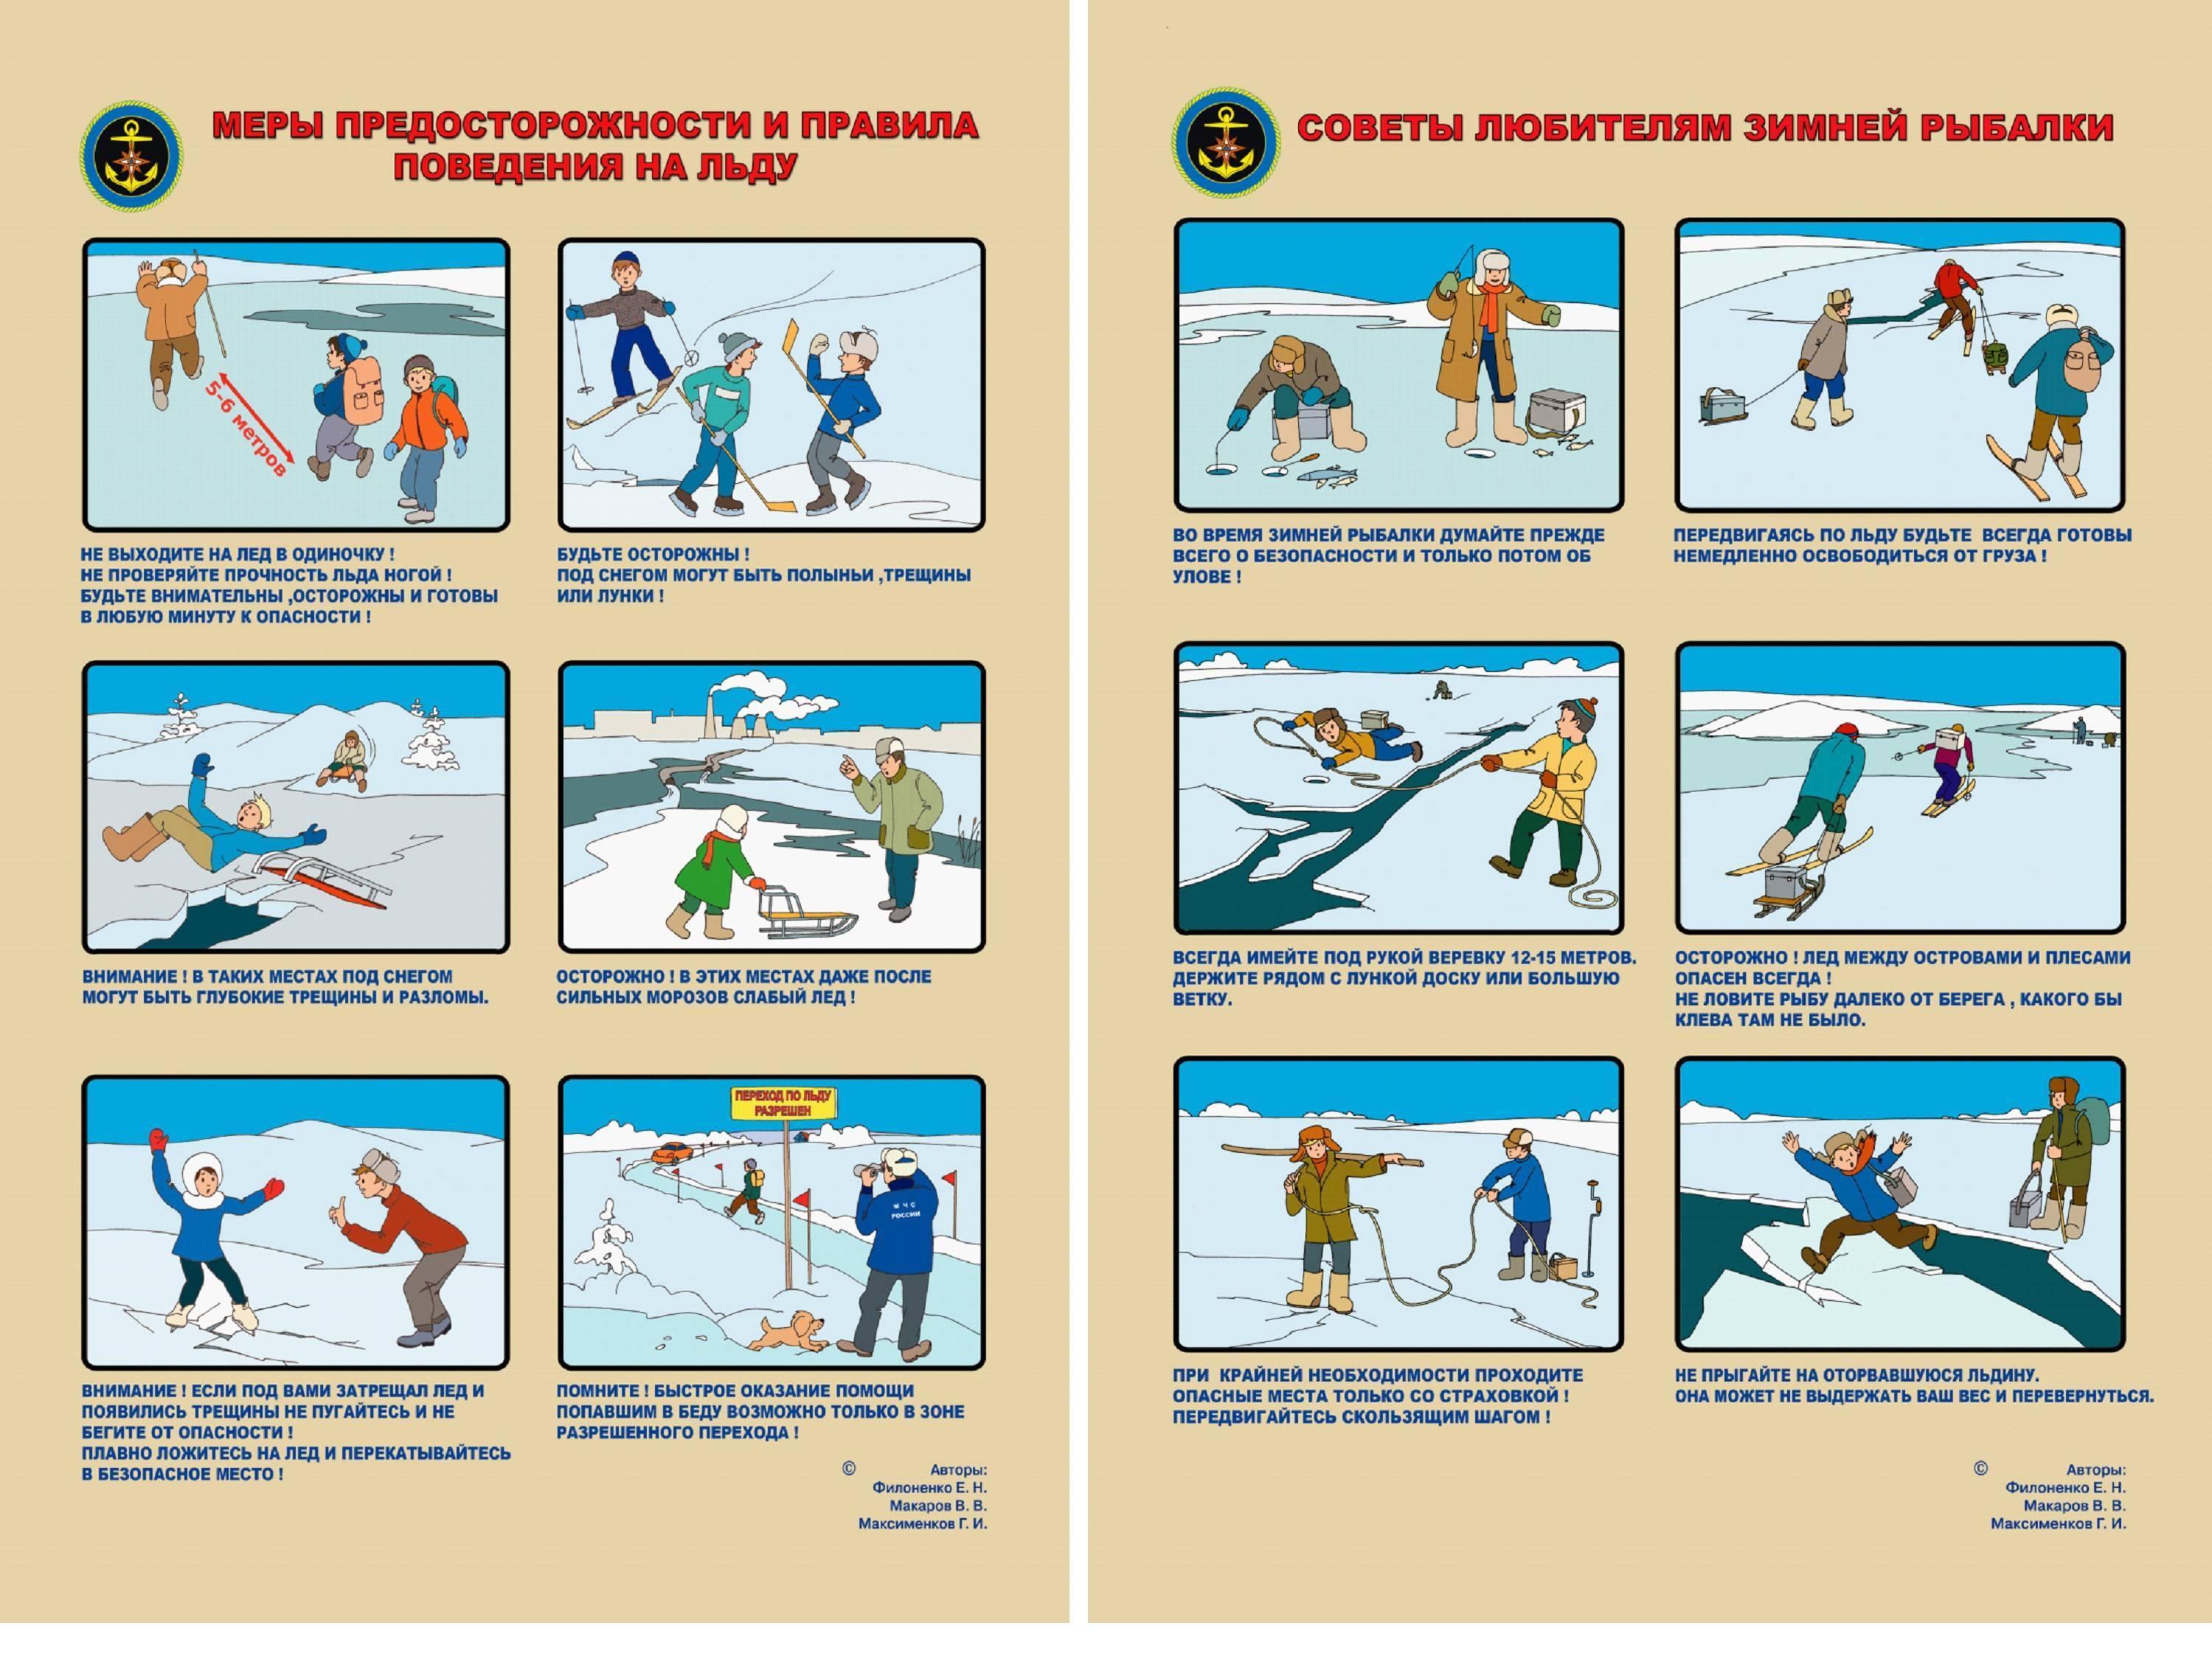 Лучшие зимние приманки на щуку для ловли со льда лучшие зимние приманки на щуку для ловли со льда